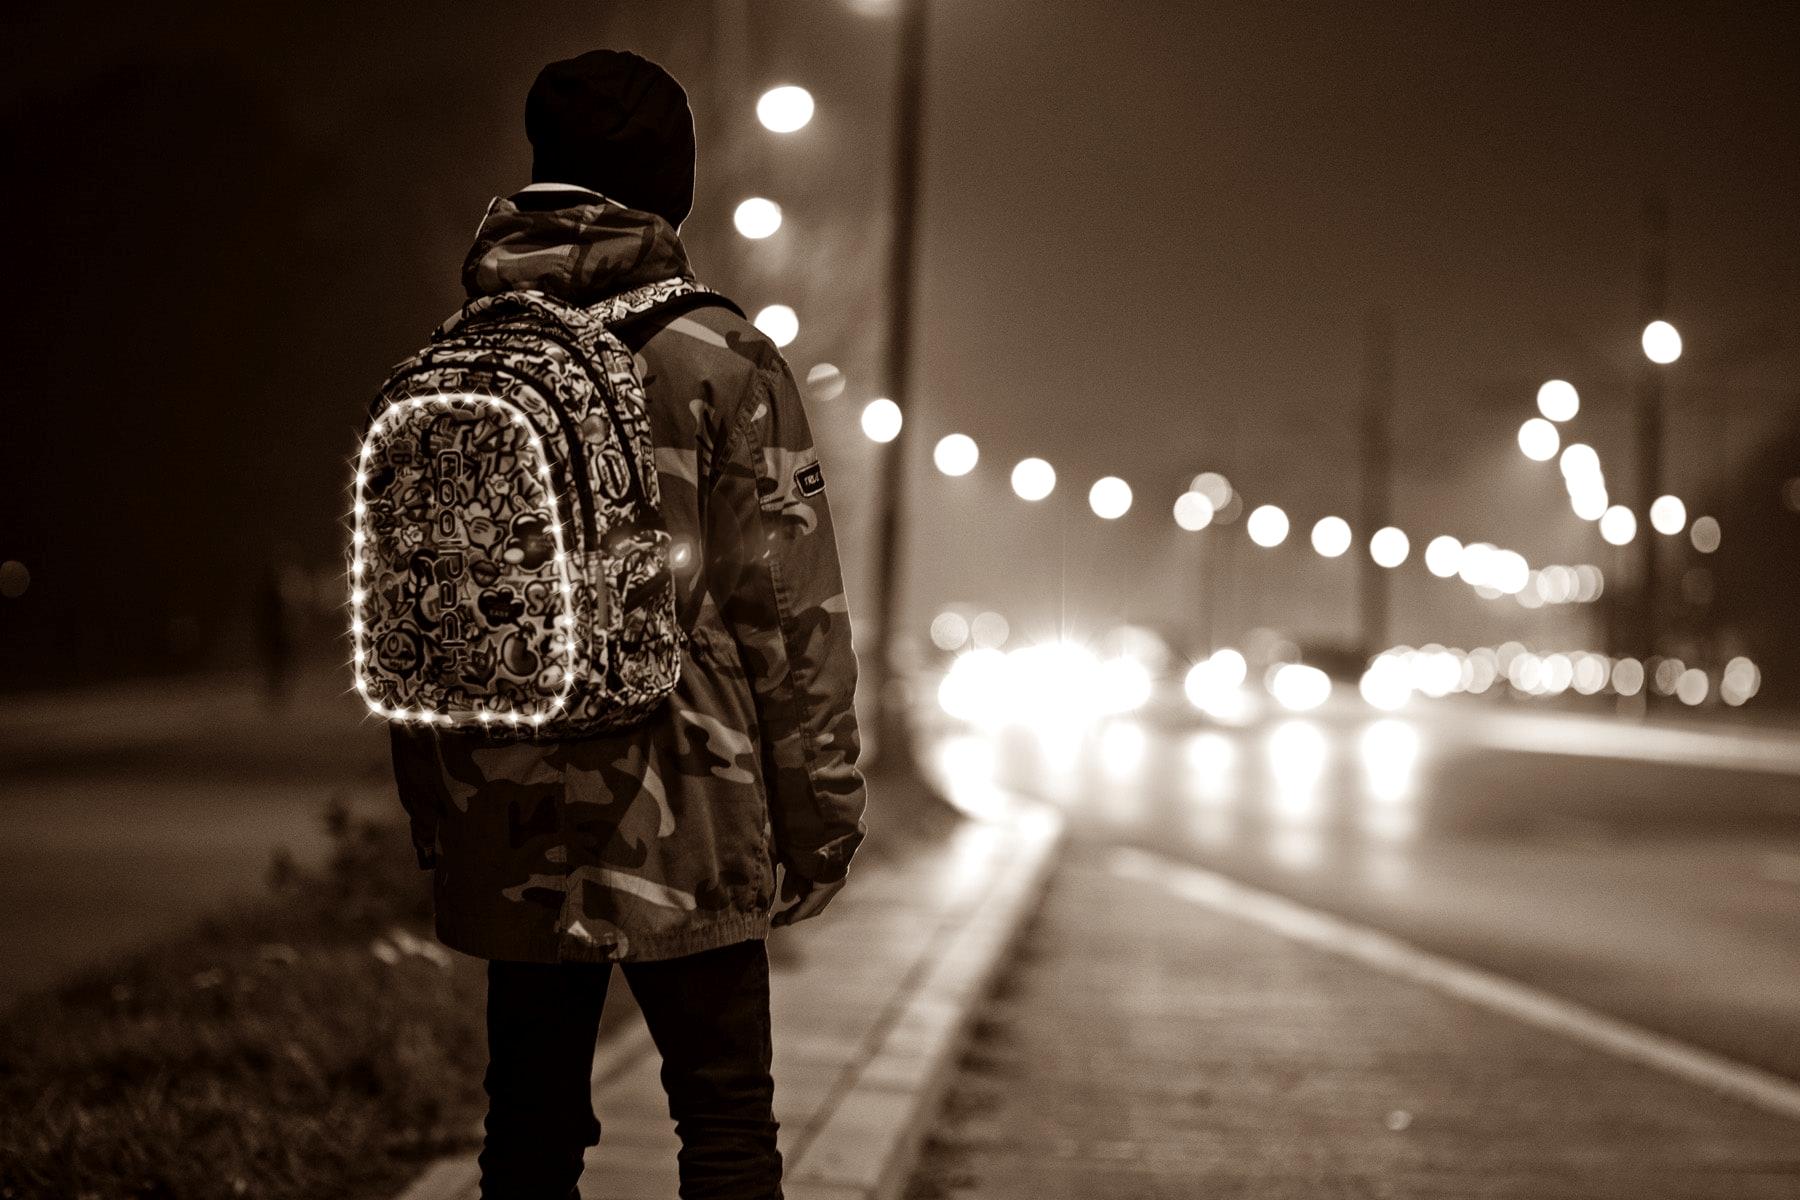 bezpieczne dziecko na drodze noca